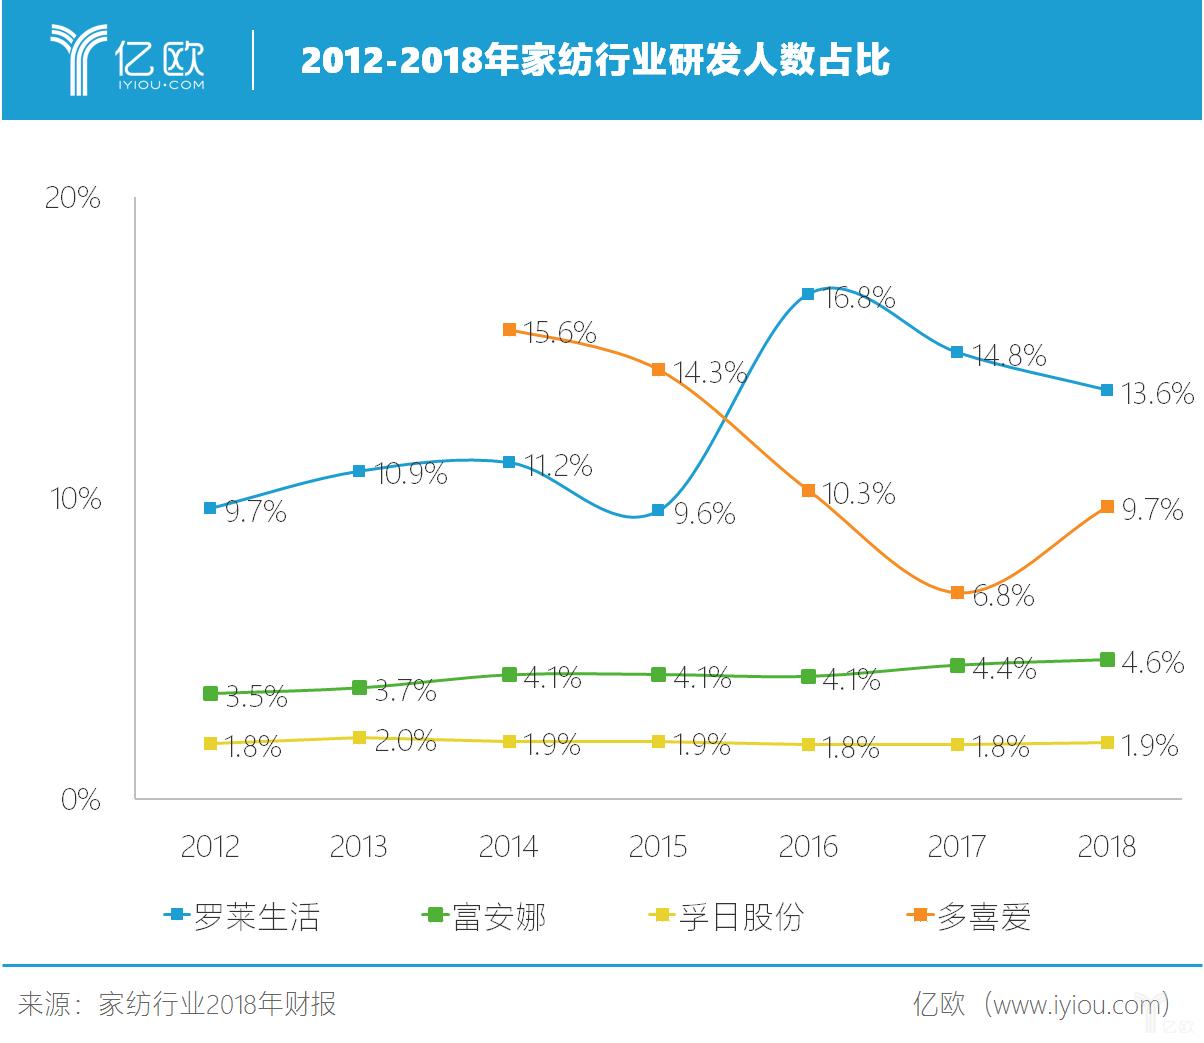 2012-2018年家纺行业研发人数占比